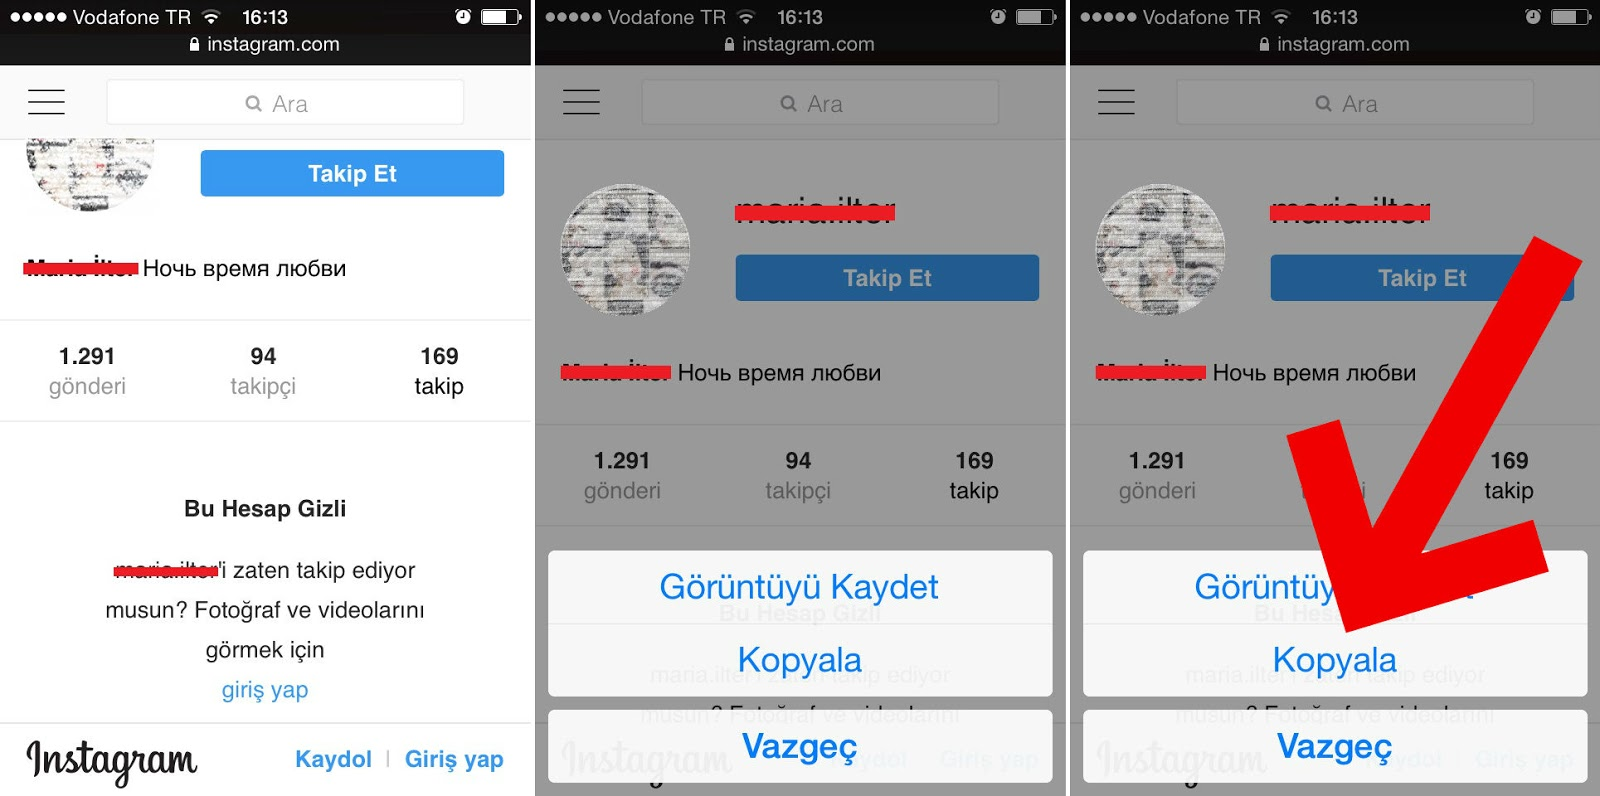 Instagram - Gizli ve Kapalı Profil Görme!